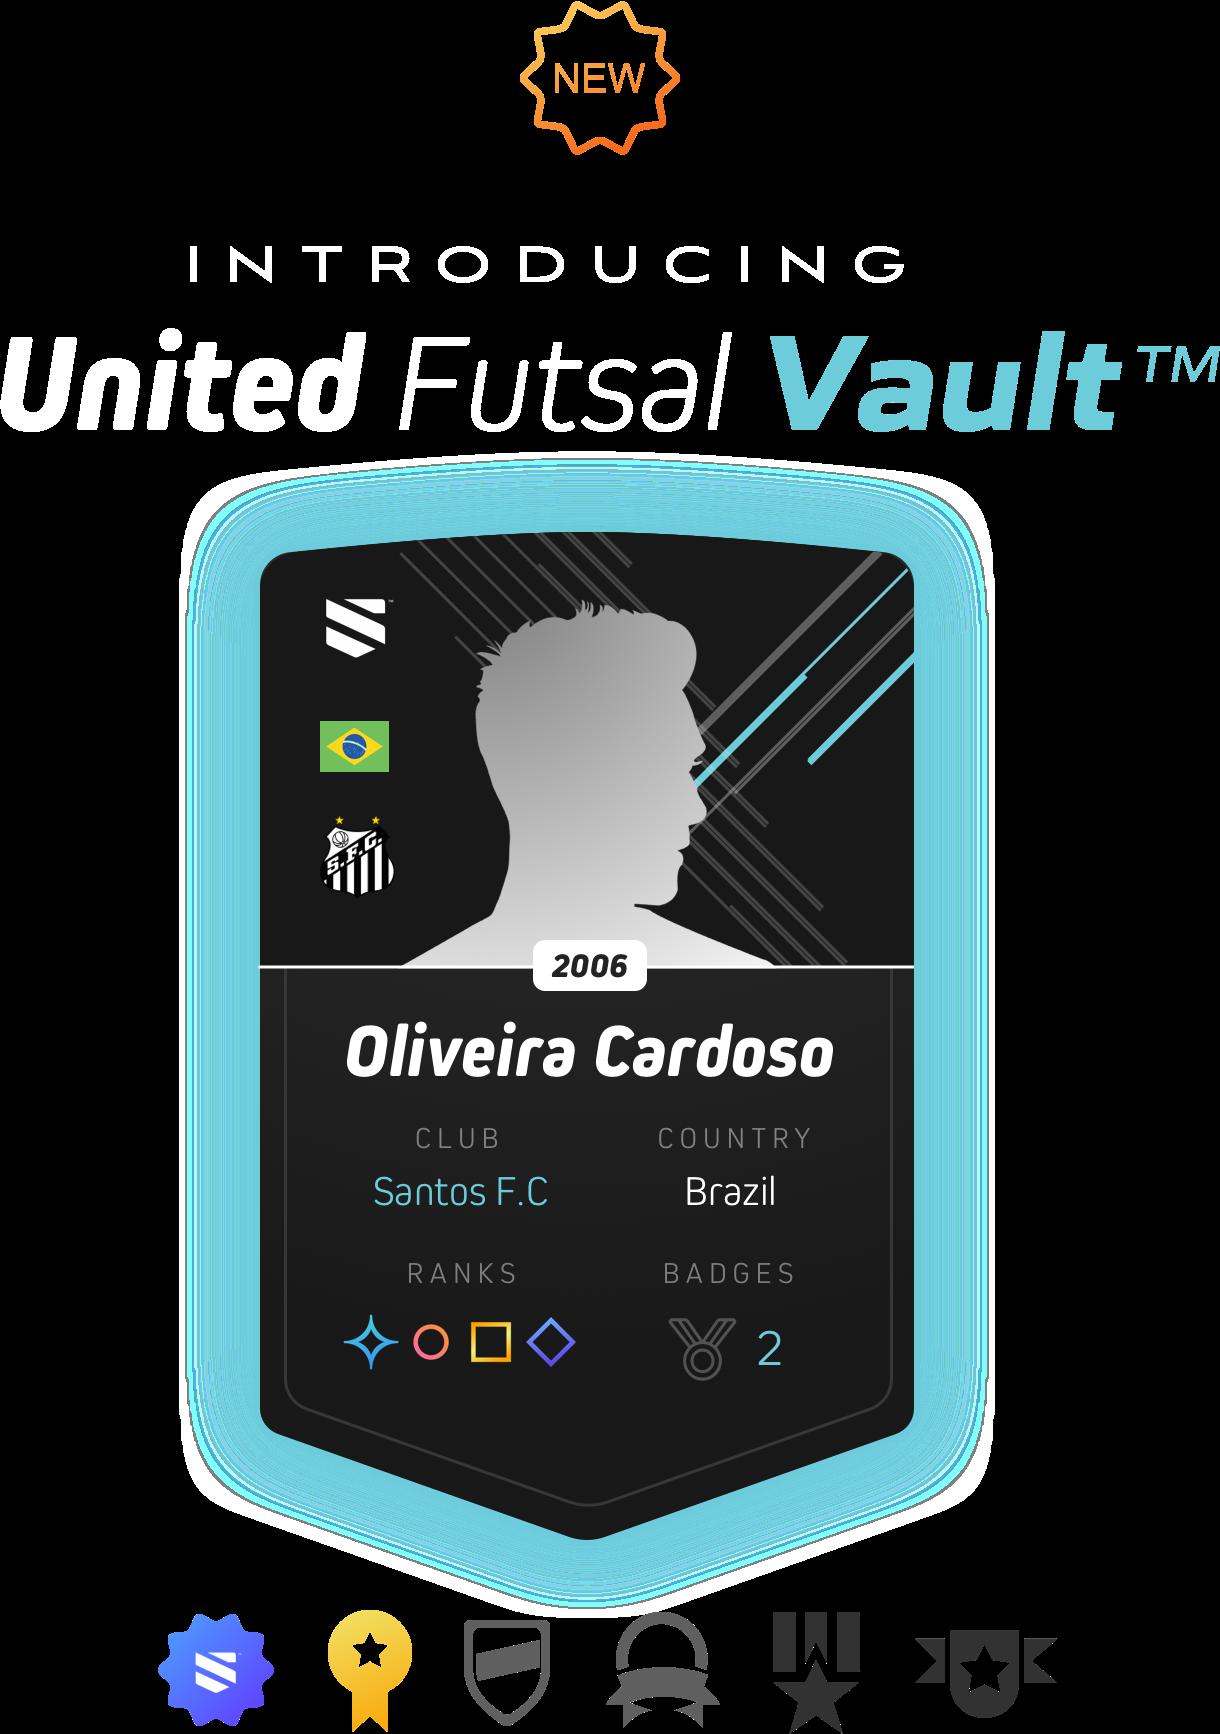 United Futsal Vault